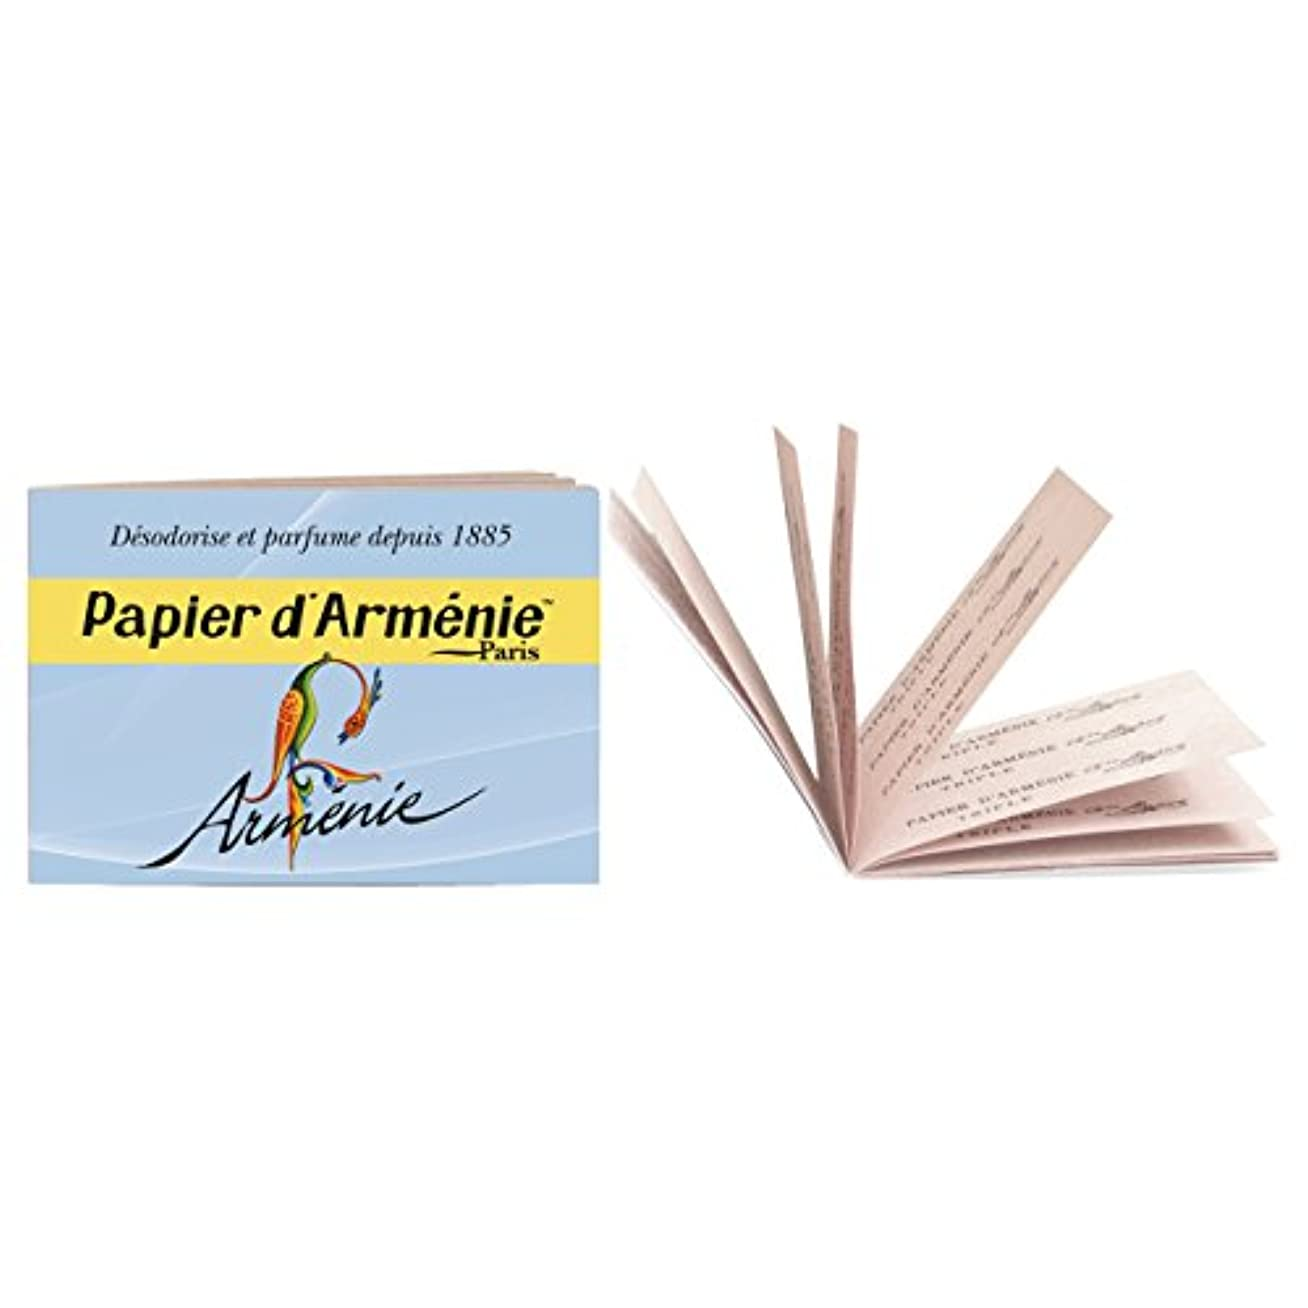 高潔な弱めるフィドルパピエダルメニイ トリプル アルメニイ (紙のお香 3×12枚/36回分)